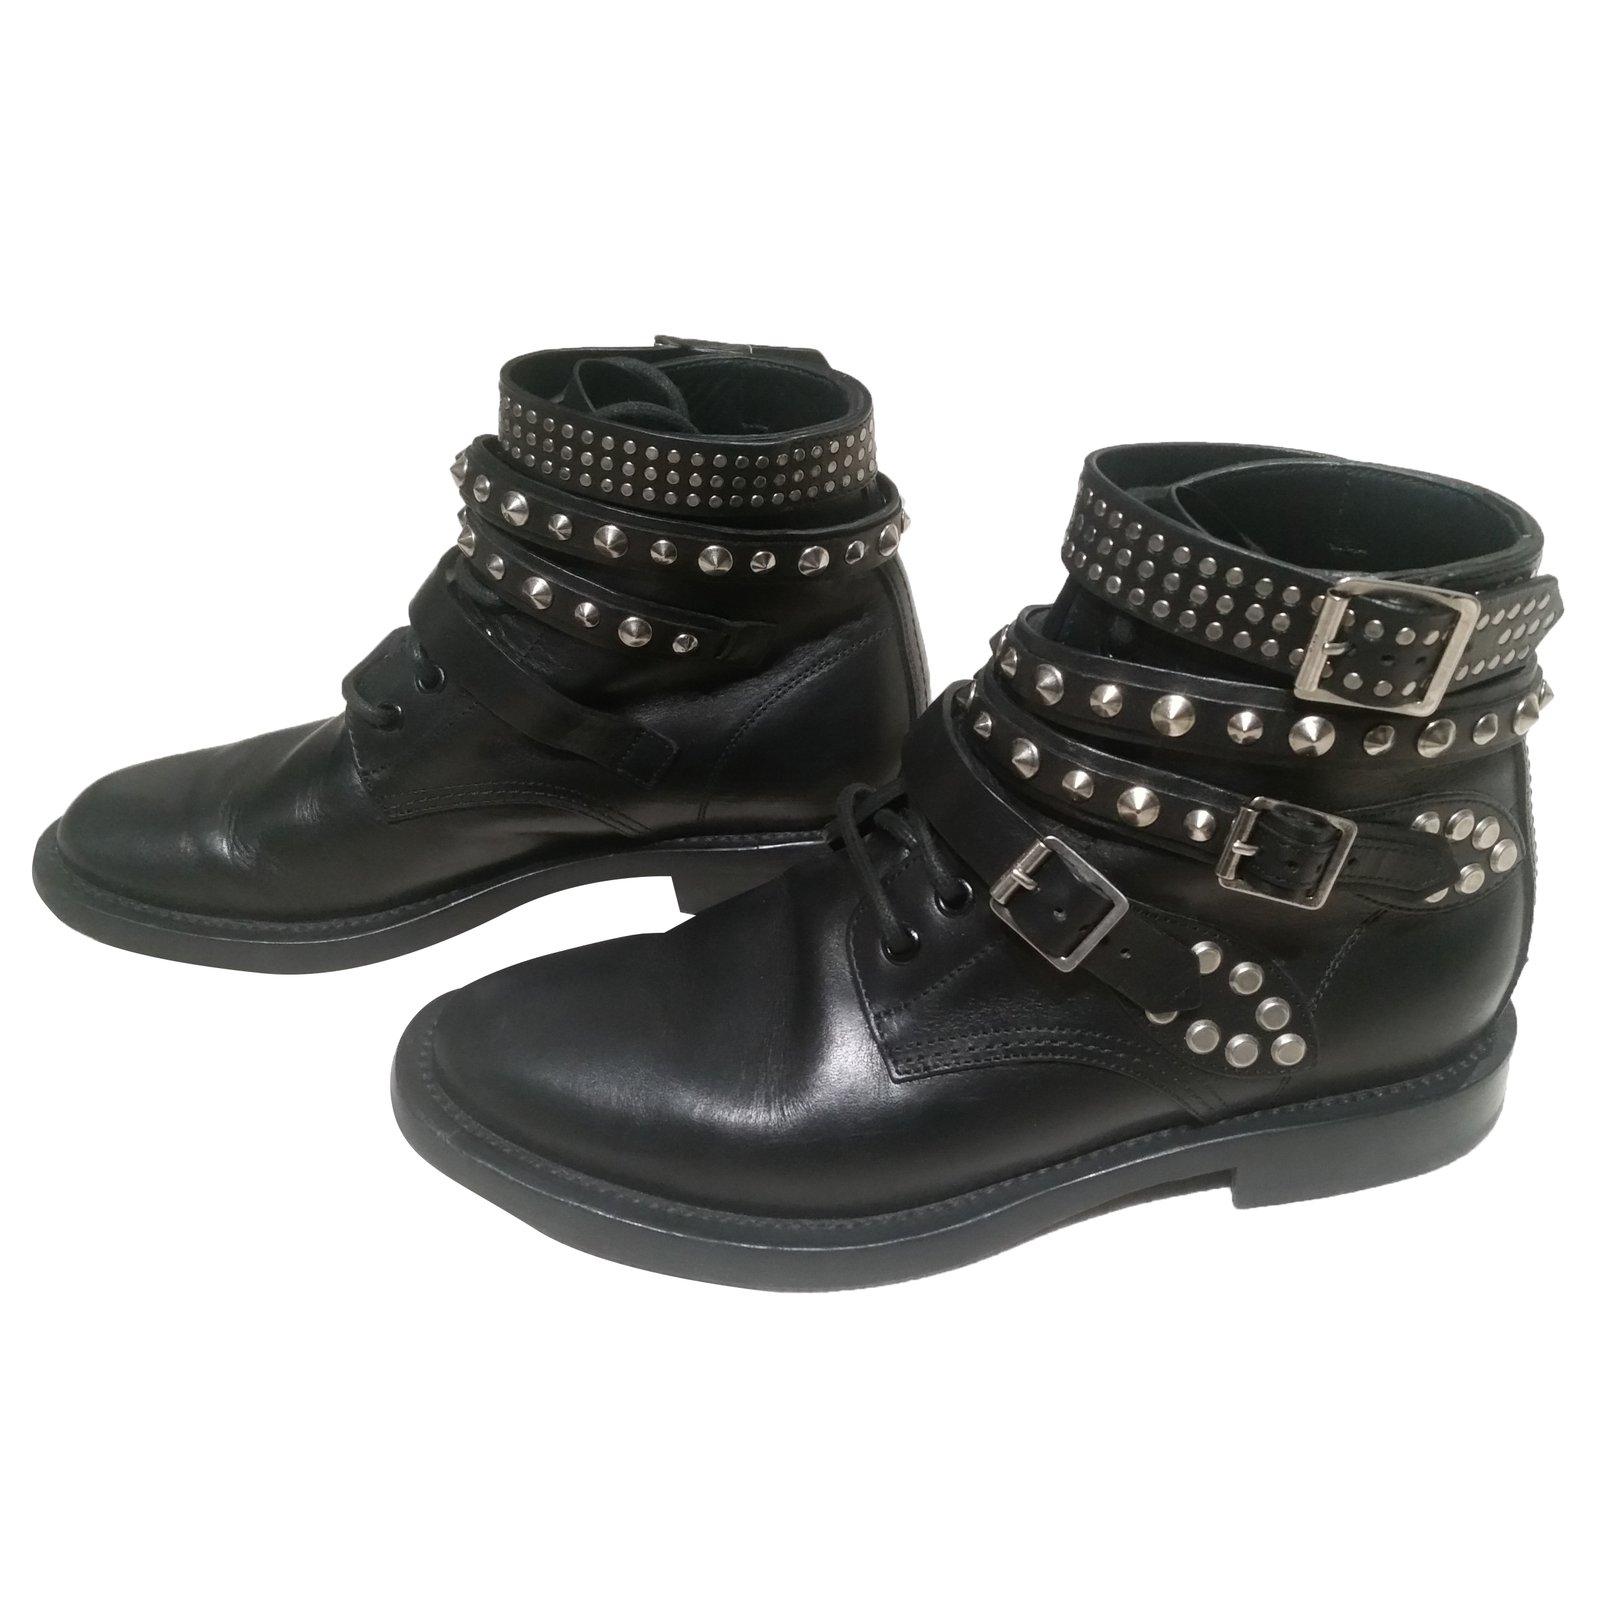 Leather Yves 50101 Laurent ref Saint Boots Black Boots JT35F1ulKc